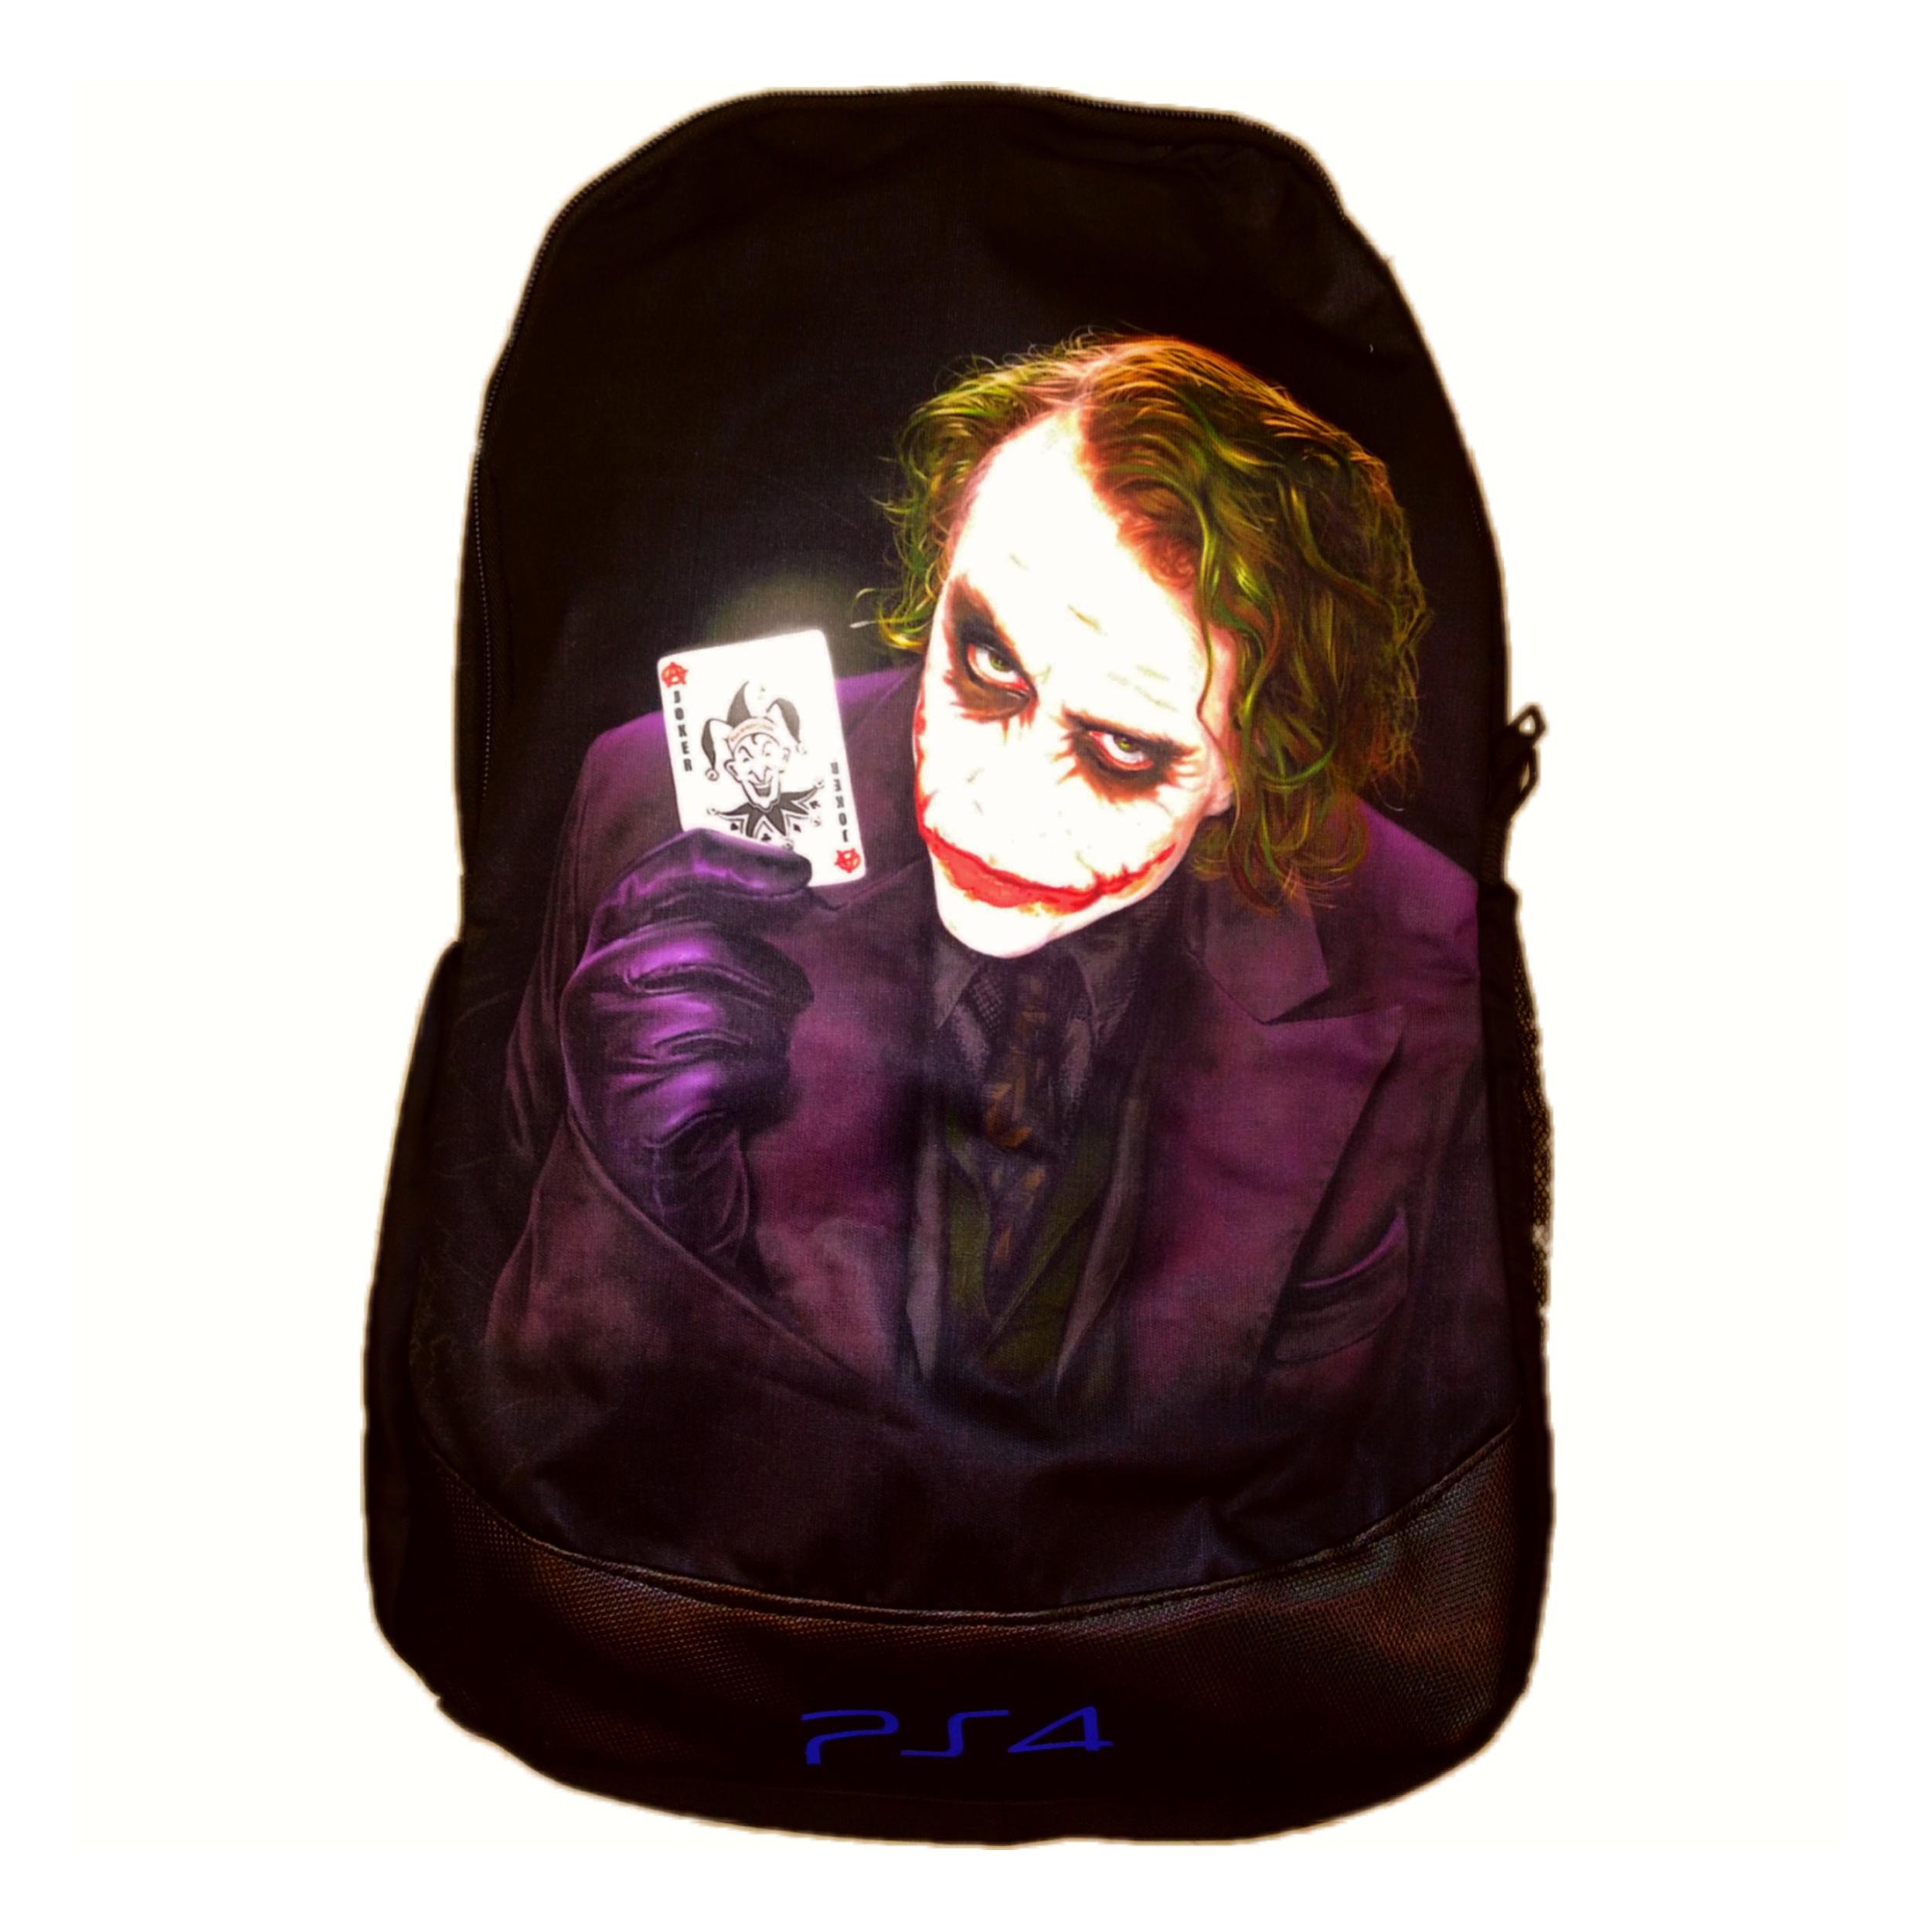 خرید اینترنتی کوله پشتی حمل پلی استیشن مدل Joker اورجینال